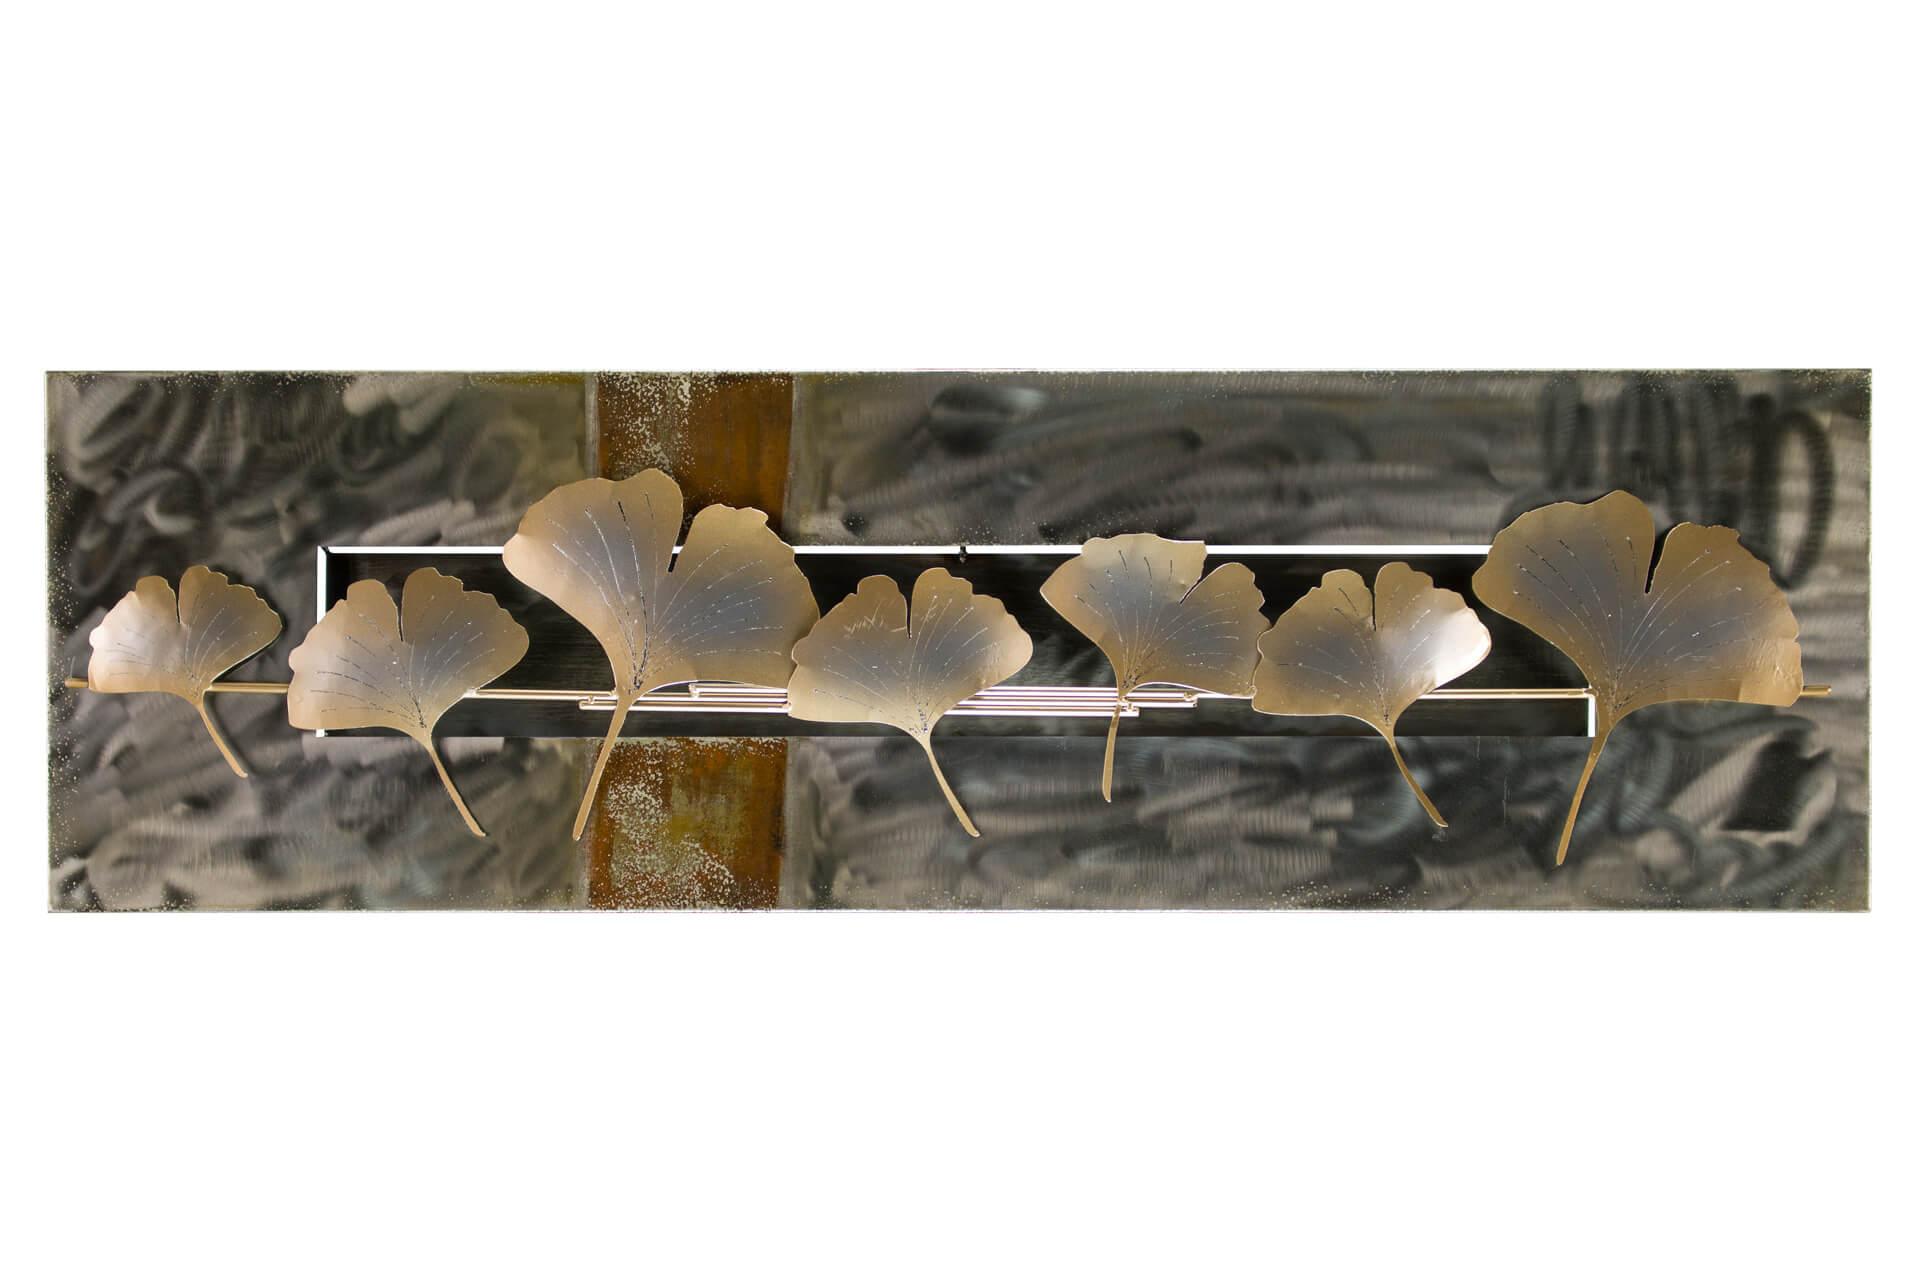 Full Size of Wanddeko Modern Holz Hirsch Aus Metall Wohnzimmer Ebay Silber Heine Moderne Wandskulptur Bltter Gold Kaufen Kunstloft Deckenleuchte Schlafzimmer Deckenlampen Wohnzimmer Wanddeko Modern